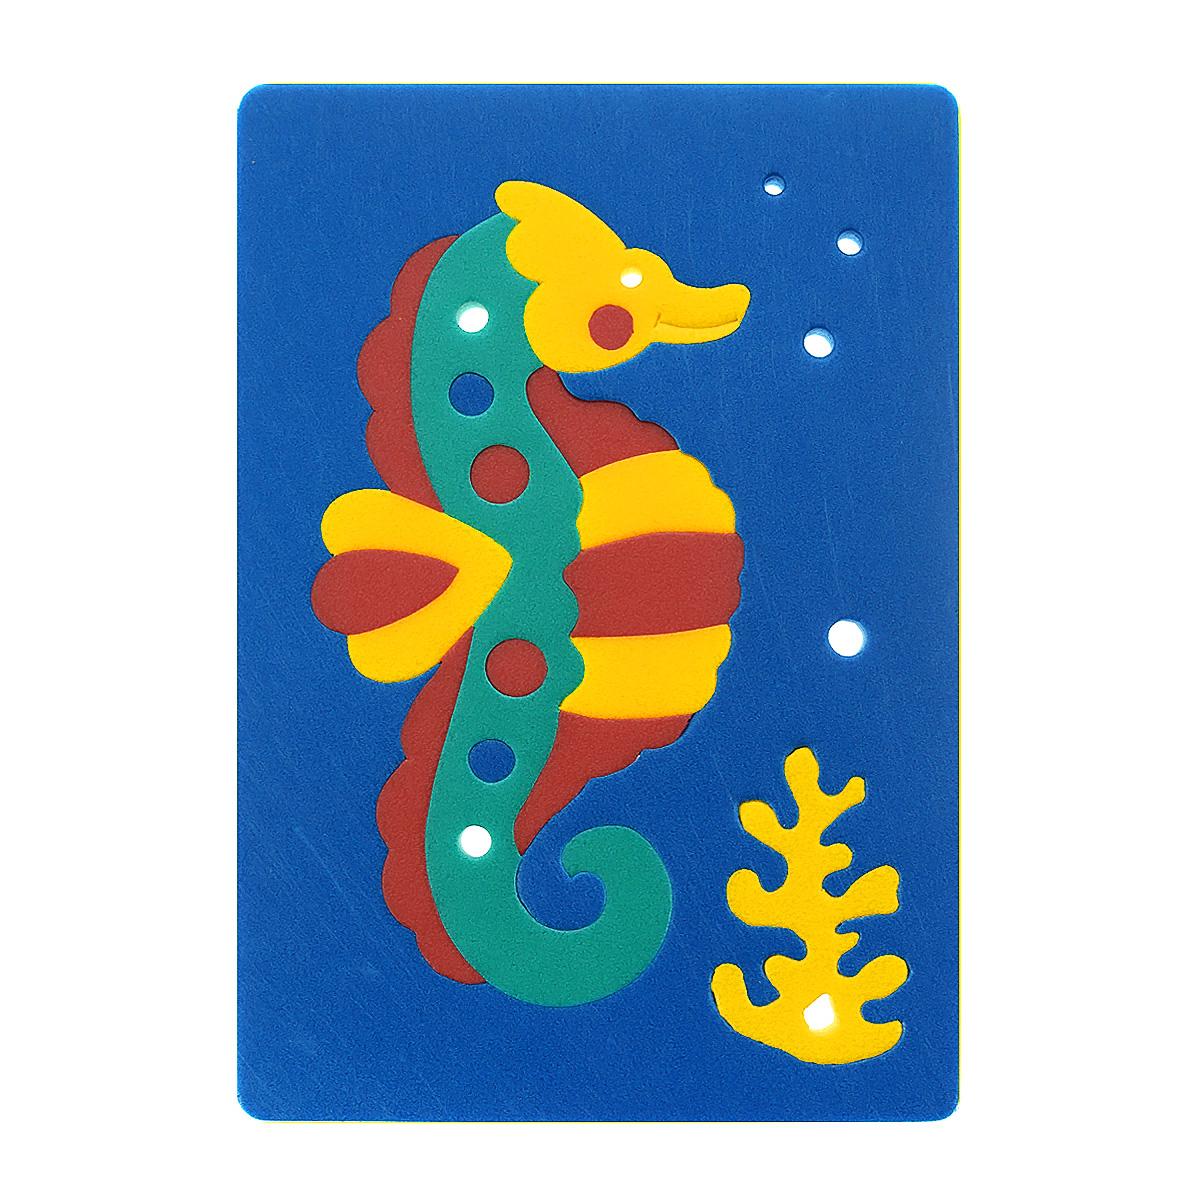 Мягкая мозаика Флексика Морской конек, цвет: синий45550Мозаика Попугай состоит из разноцветных элементов, которые в собранном виде составляют изображение симпатичного морского конька. Мозаика выполнена из современного, легкого, эластичного, прочного материала, который обеспечивает большую долговечность и является абсолютно безопасным для детей. Благодаря особой структуре материала и свойству прилипать к мокрой поверхности, мозаика является идеальной игрушкой для ванны и сделает процесс купания приятной забавой для ребенка. Мягкая мозаика развивает у ребенка память, воображение, моторику, пространственное и логическое мышление. Обучение происходит прямо во время игры!